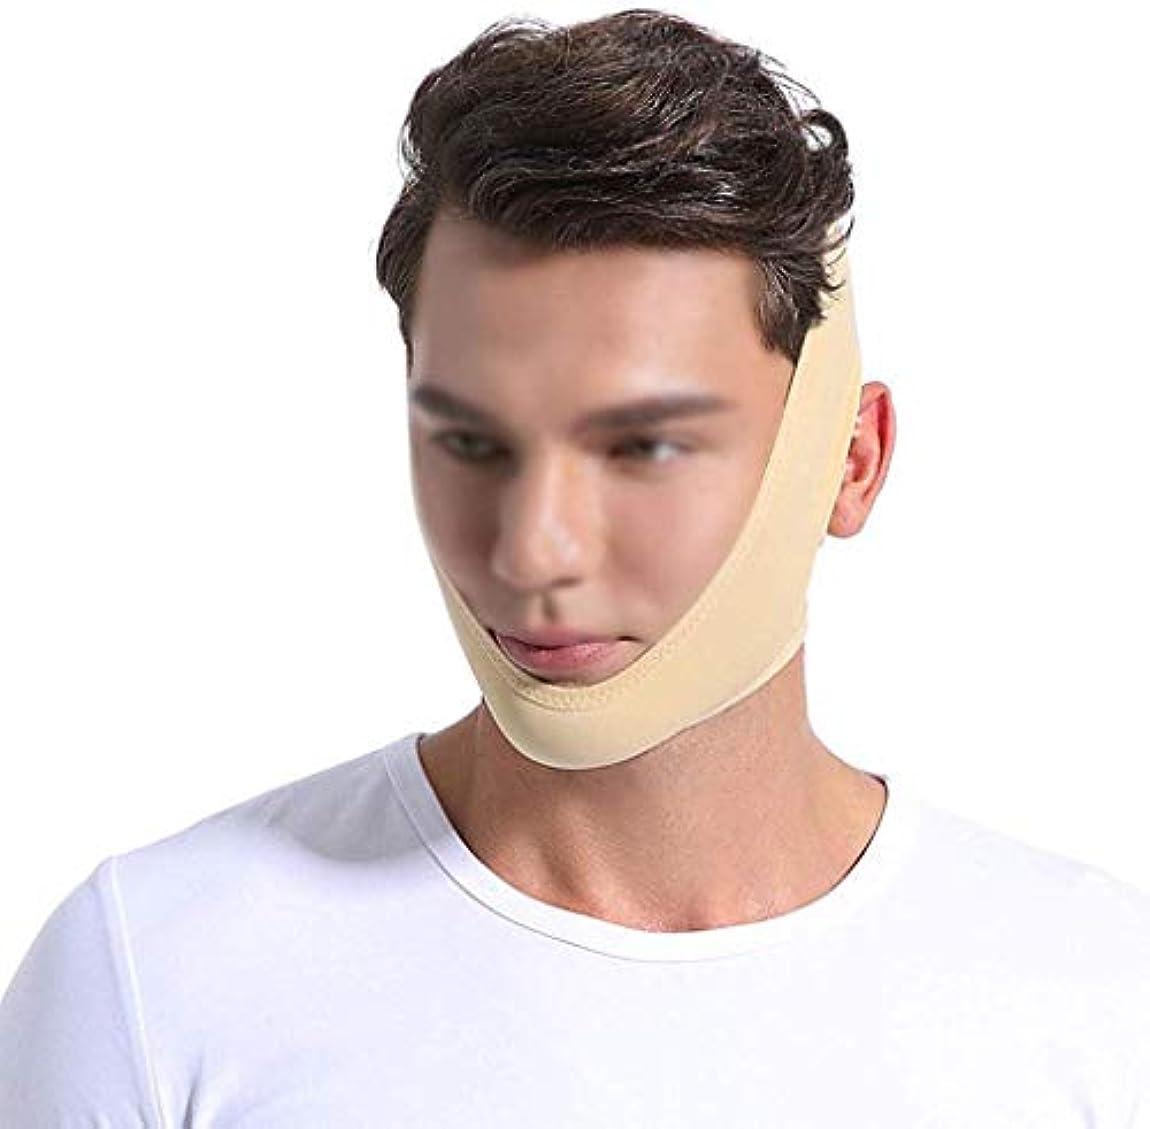 キャプテンブライ幻想的フォアタイプ美容と実用的なフェイスリフティング包帯、フェイスマスキングリカバリーマスク男性と女性の顔の包帯フェイスリフティングアーティファクト